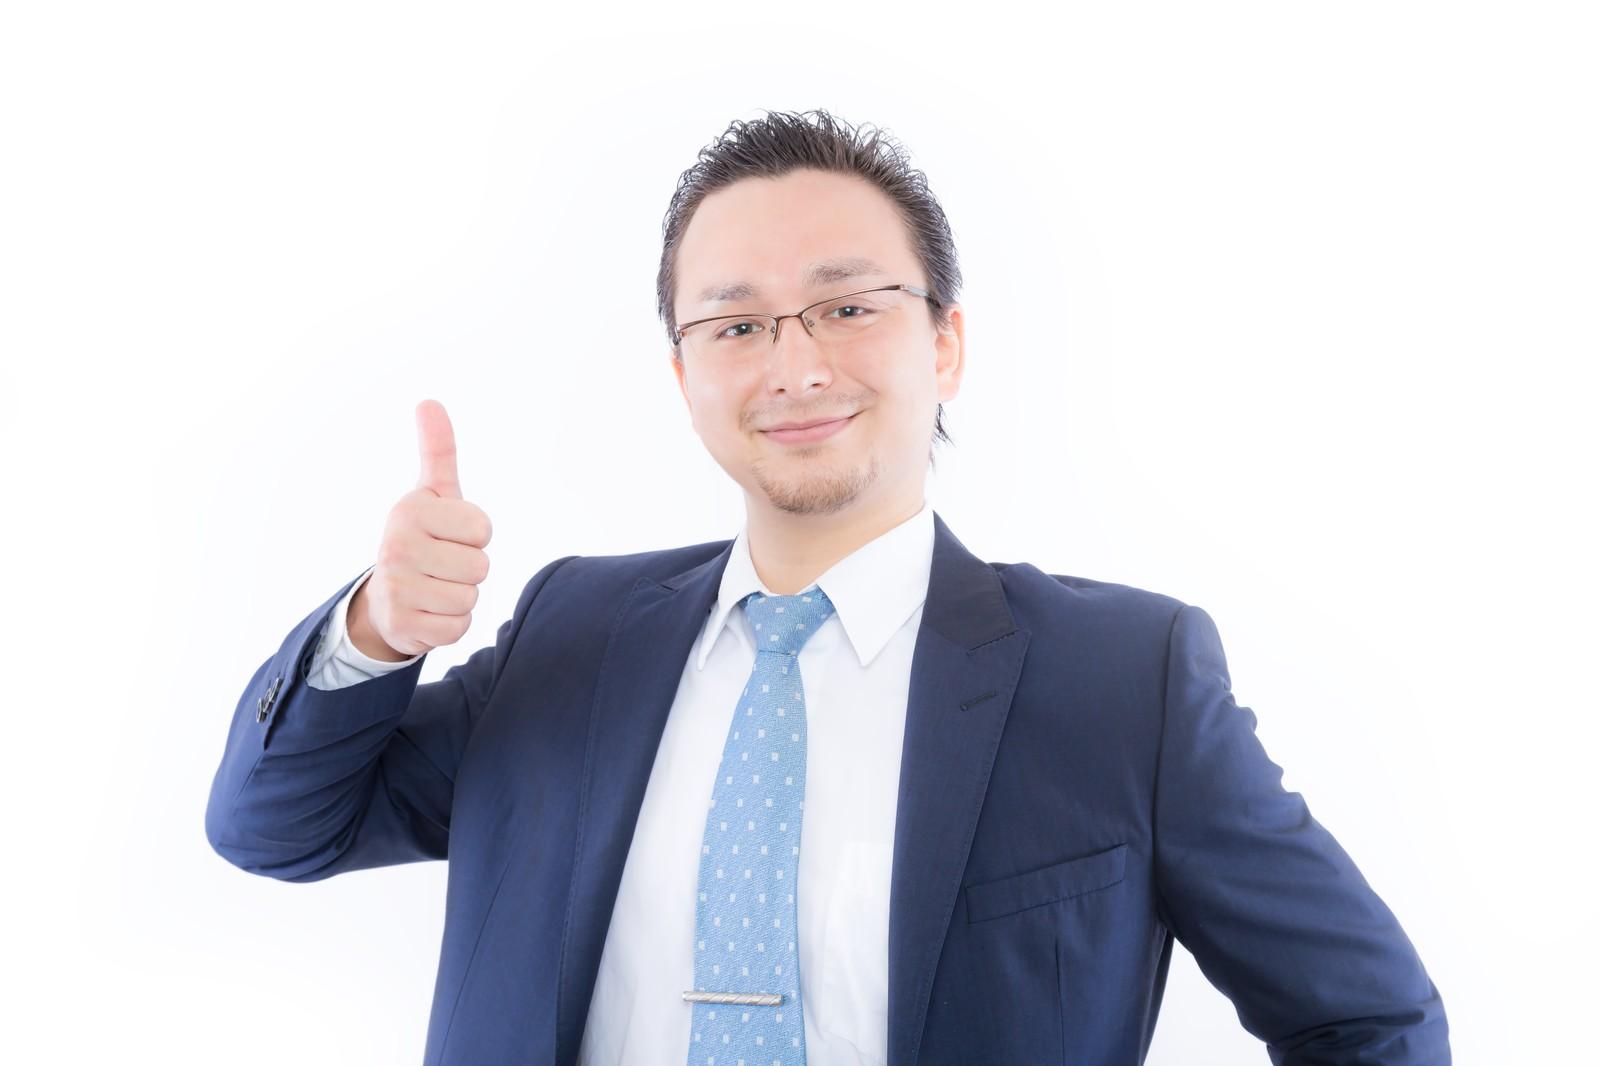 新規顧客獲得のために営業ツールテレアポのポイント